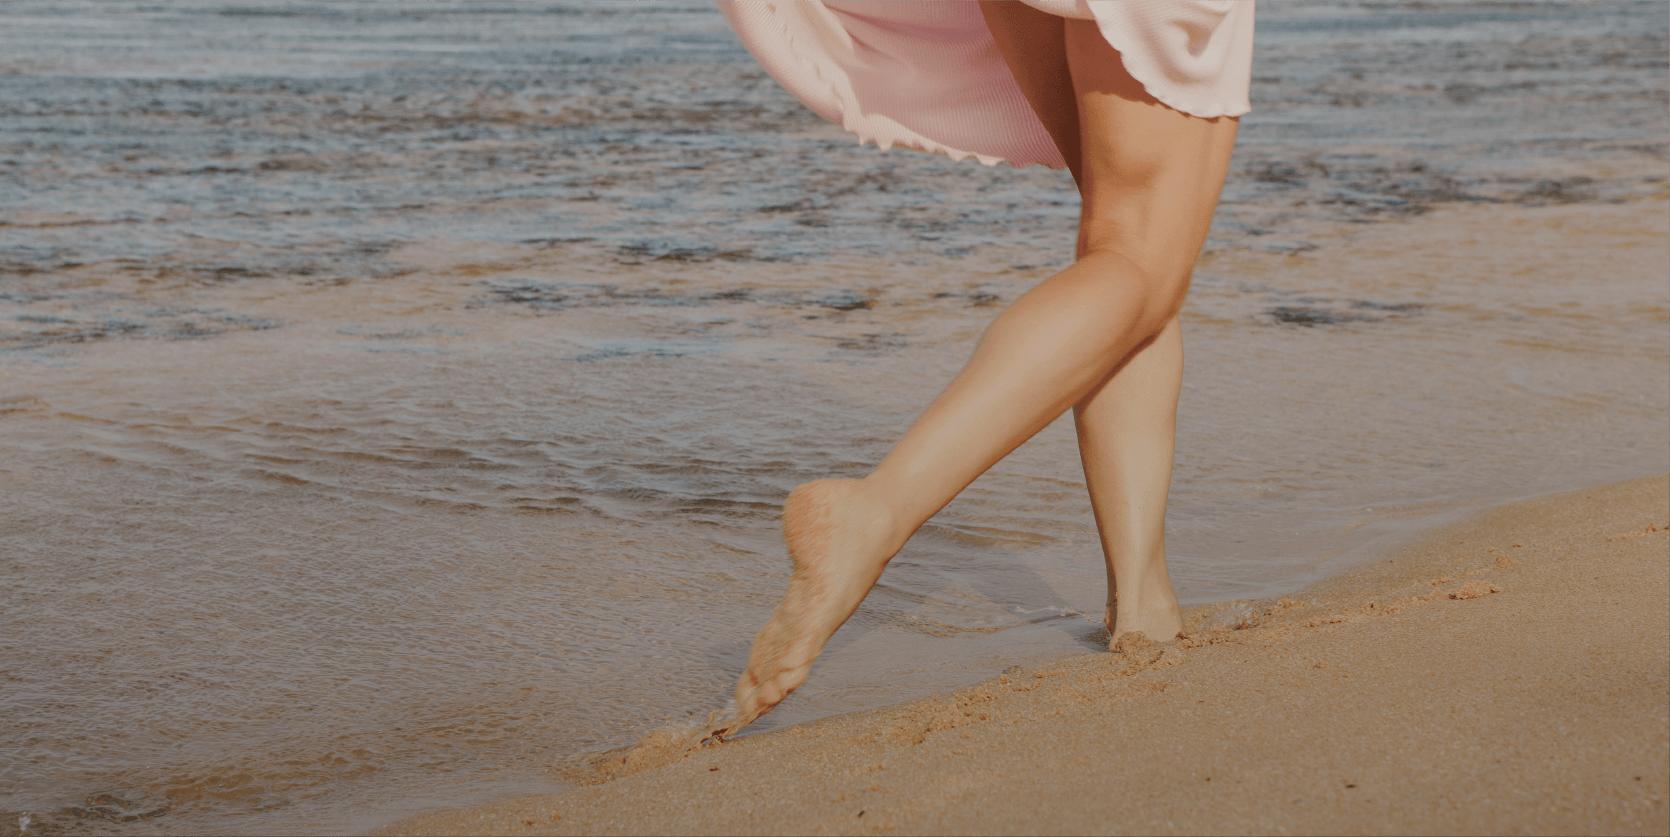 Cuidados en verano: disfrutá del calor y mantené tu cuerpo saludable.